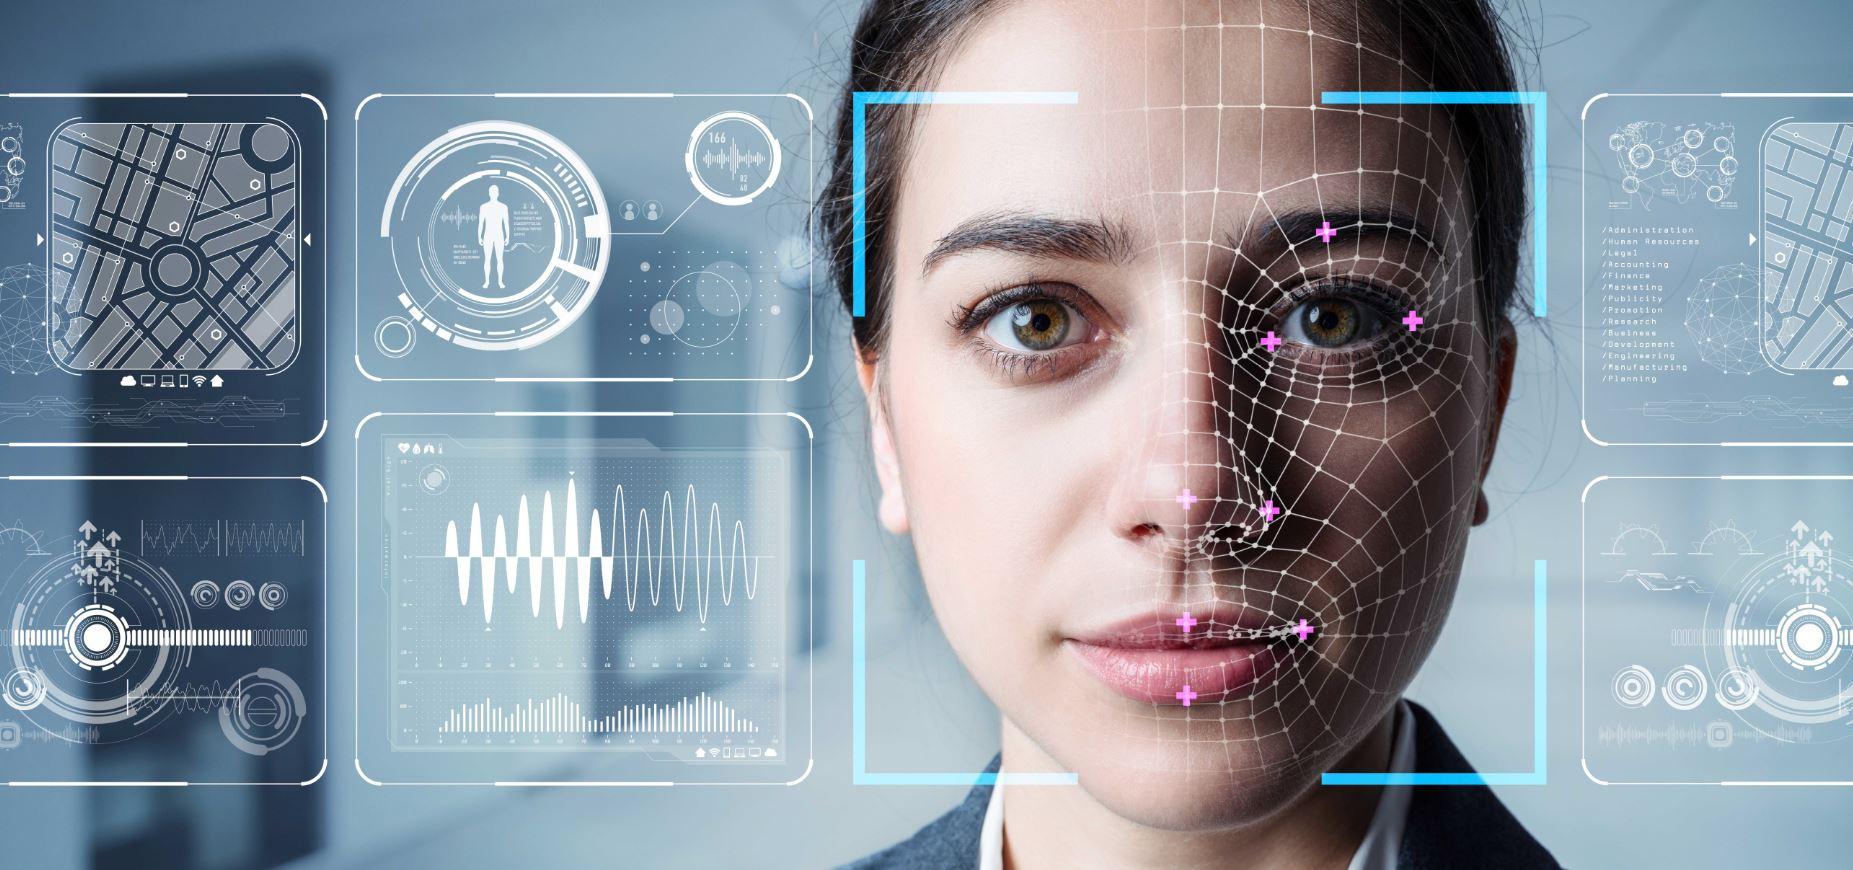 О том, как искусственный интеллект помогает сэкономить время, или как мы встраивали ИИ в бизнес-процесс открытия счета